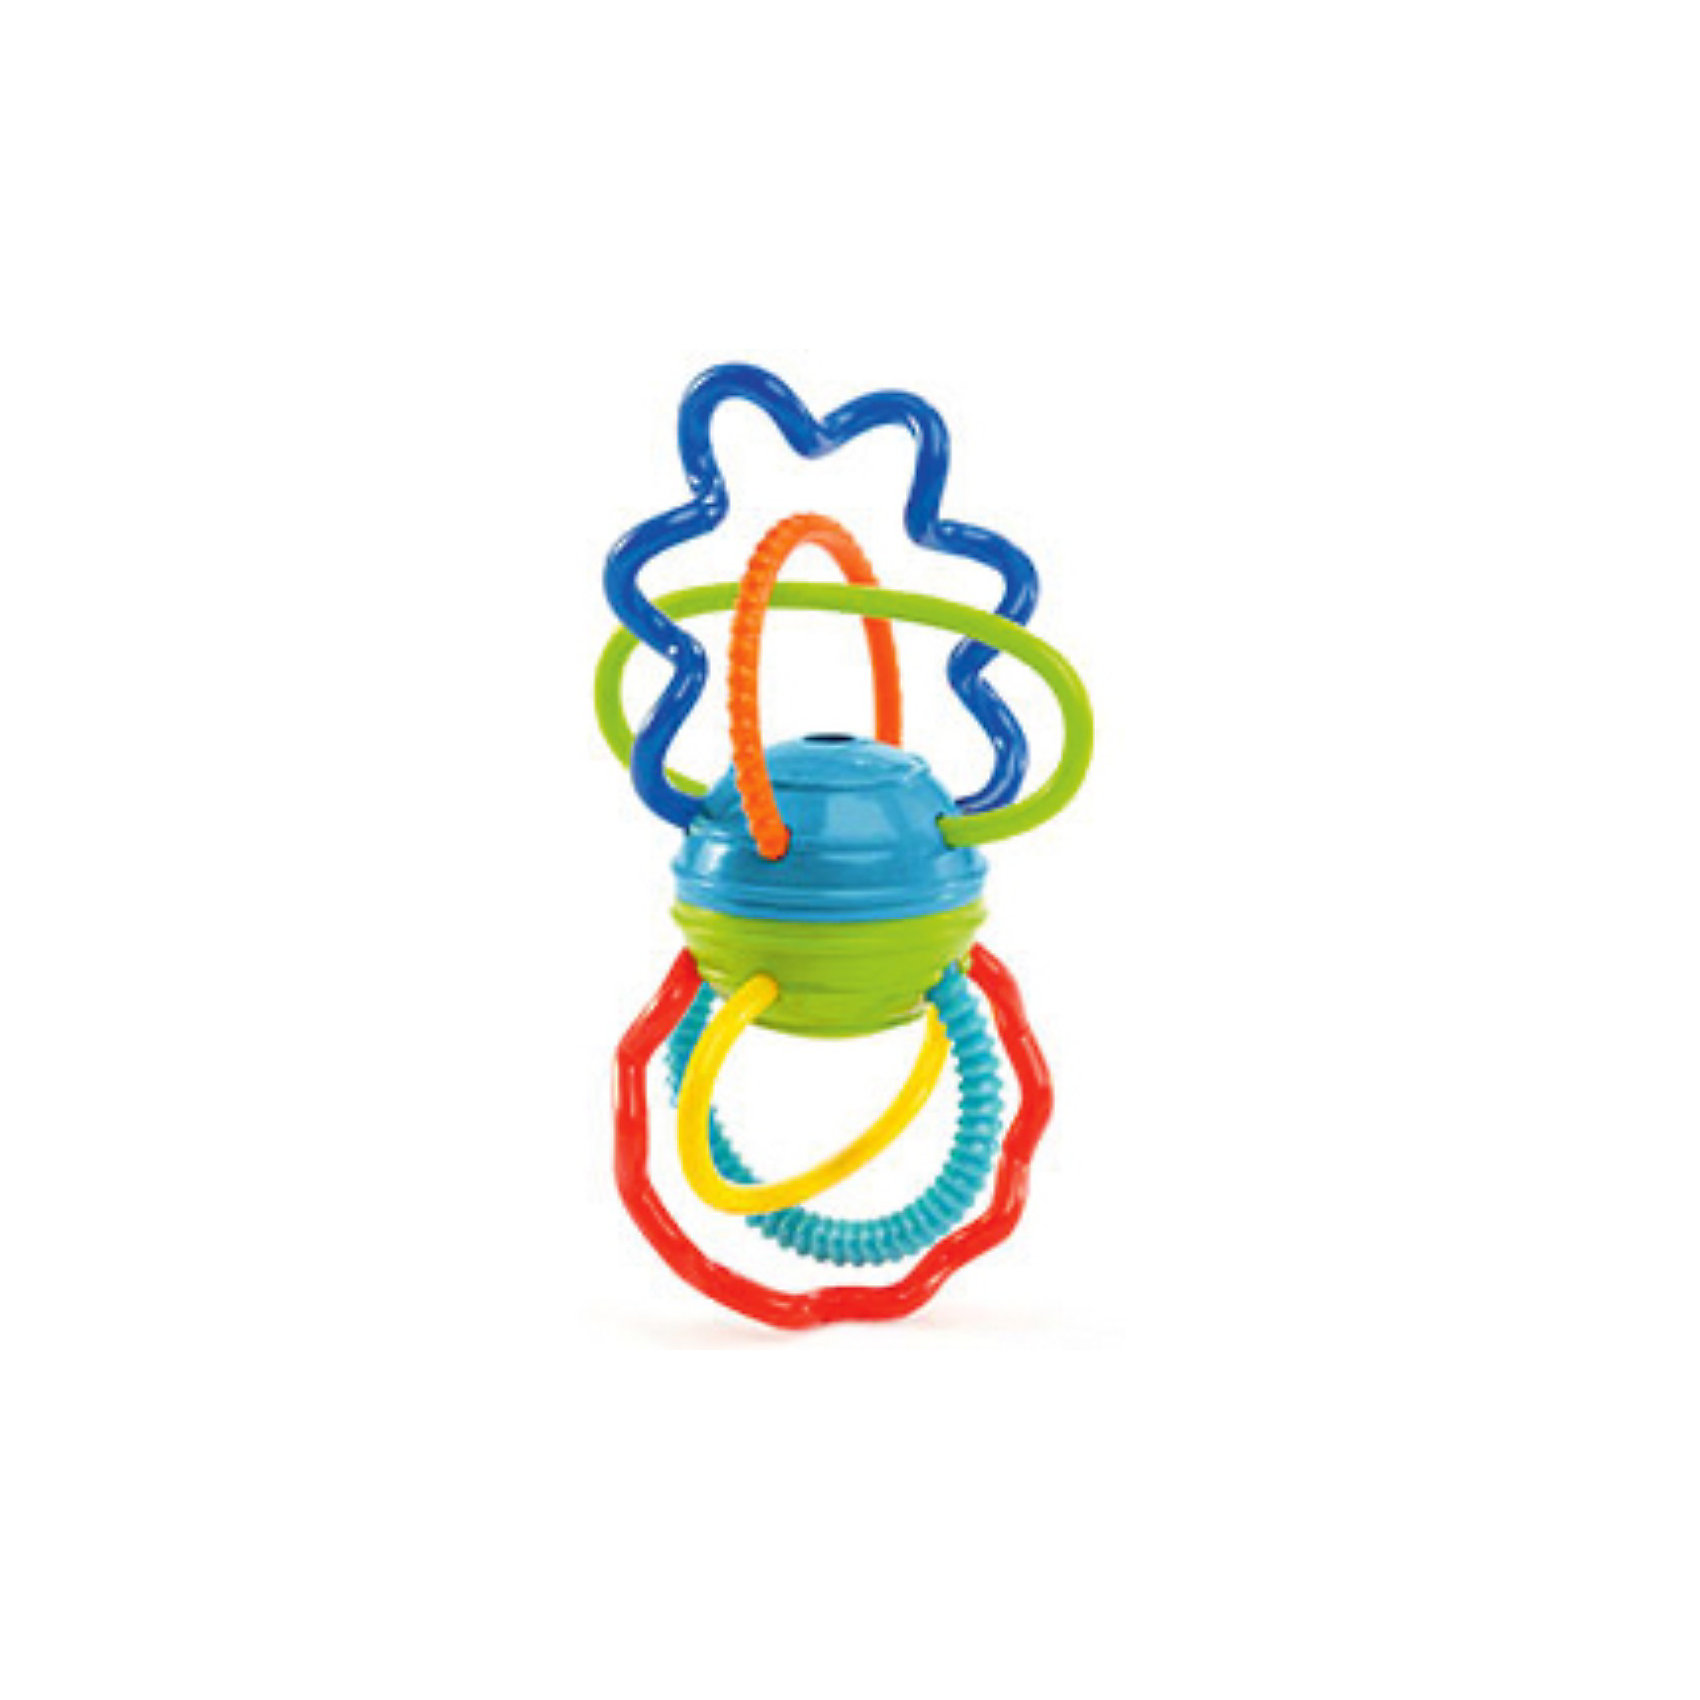 Развивающая игрушка Разноцветная гантелька, OballЯркие цвета, необычные спиральки и щелкающие звуки!<br><br>ОСОБЕННОСТИ<br>Яркие спиральки и дуги разной длины и  формы легко гнутся, развивают тактильные ощущения и зрение<br>Рельефные поверхности для кусания успокоят нежные десна малыша<br>При вращении деталей шарика в центре игрушка забавно трещит благодаря «щелкающему» механизму!<br>Легко хватать маленькими ручками<br><br><br>Дополнительные характеристики<br> Не содержит вредных веществ<br> Размеры товара: 15*8*9 см<br> Размеры коробки: 17*5*14 см<br><br>Ширина мм: 190<br>Глубина мм: 121<br>Высота мм: 66<br>Вес г: 74<br>Возраст от месяцев: 3<br>Возраст до месяцев: 36<br>Пол: Унисекс<br>Возраст: Детский<br>SKU: 3400189